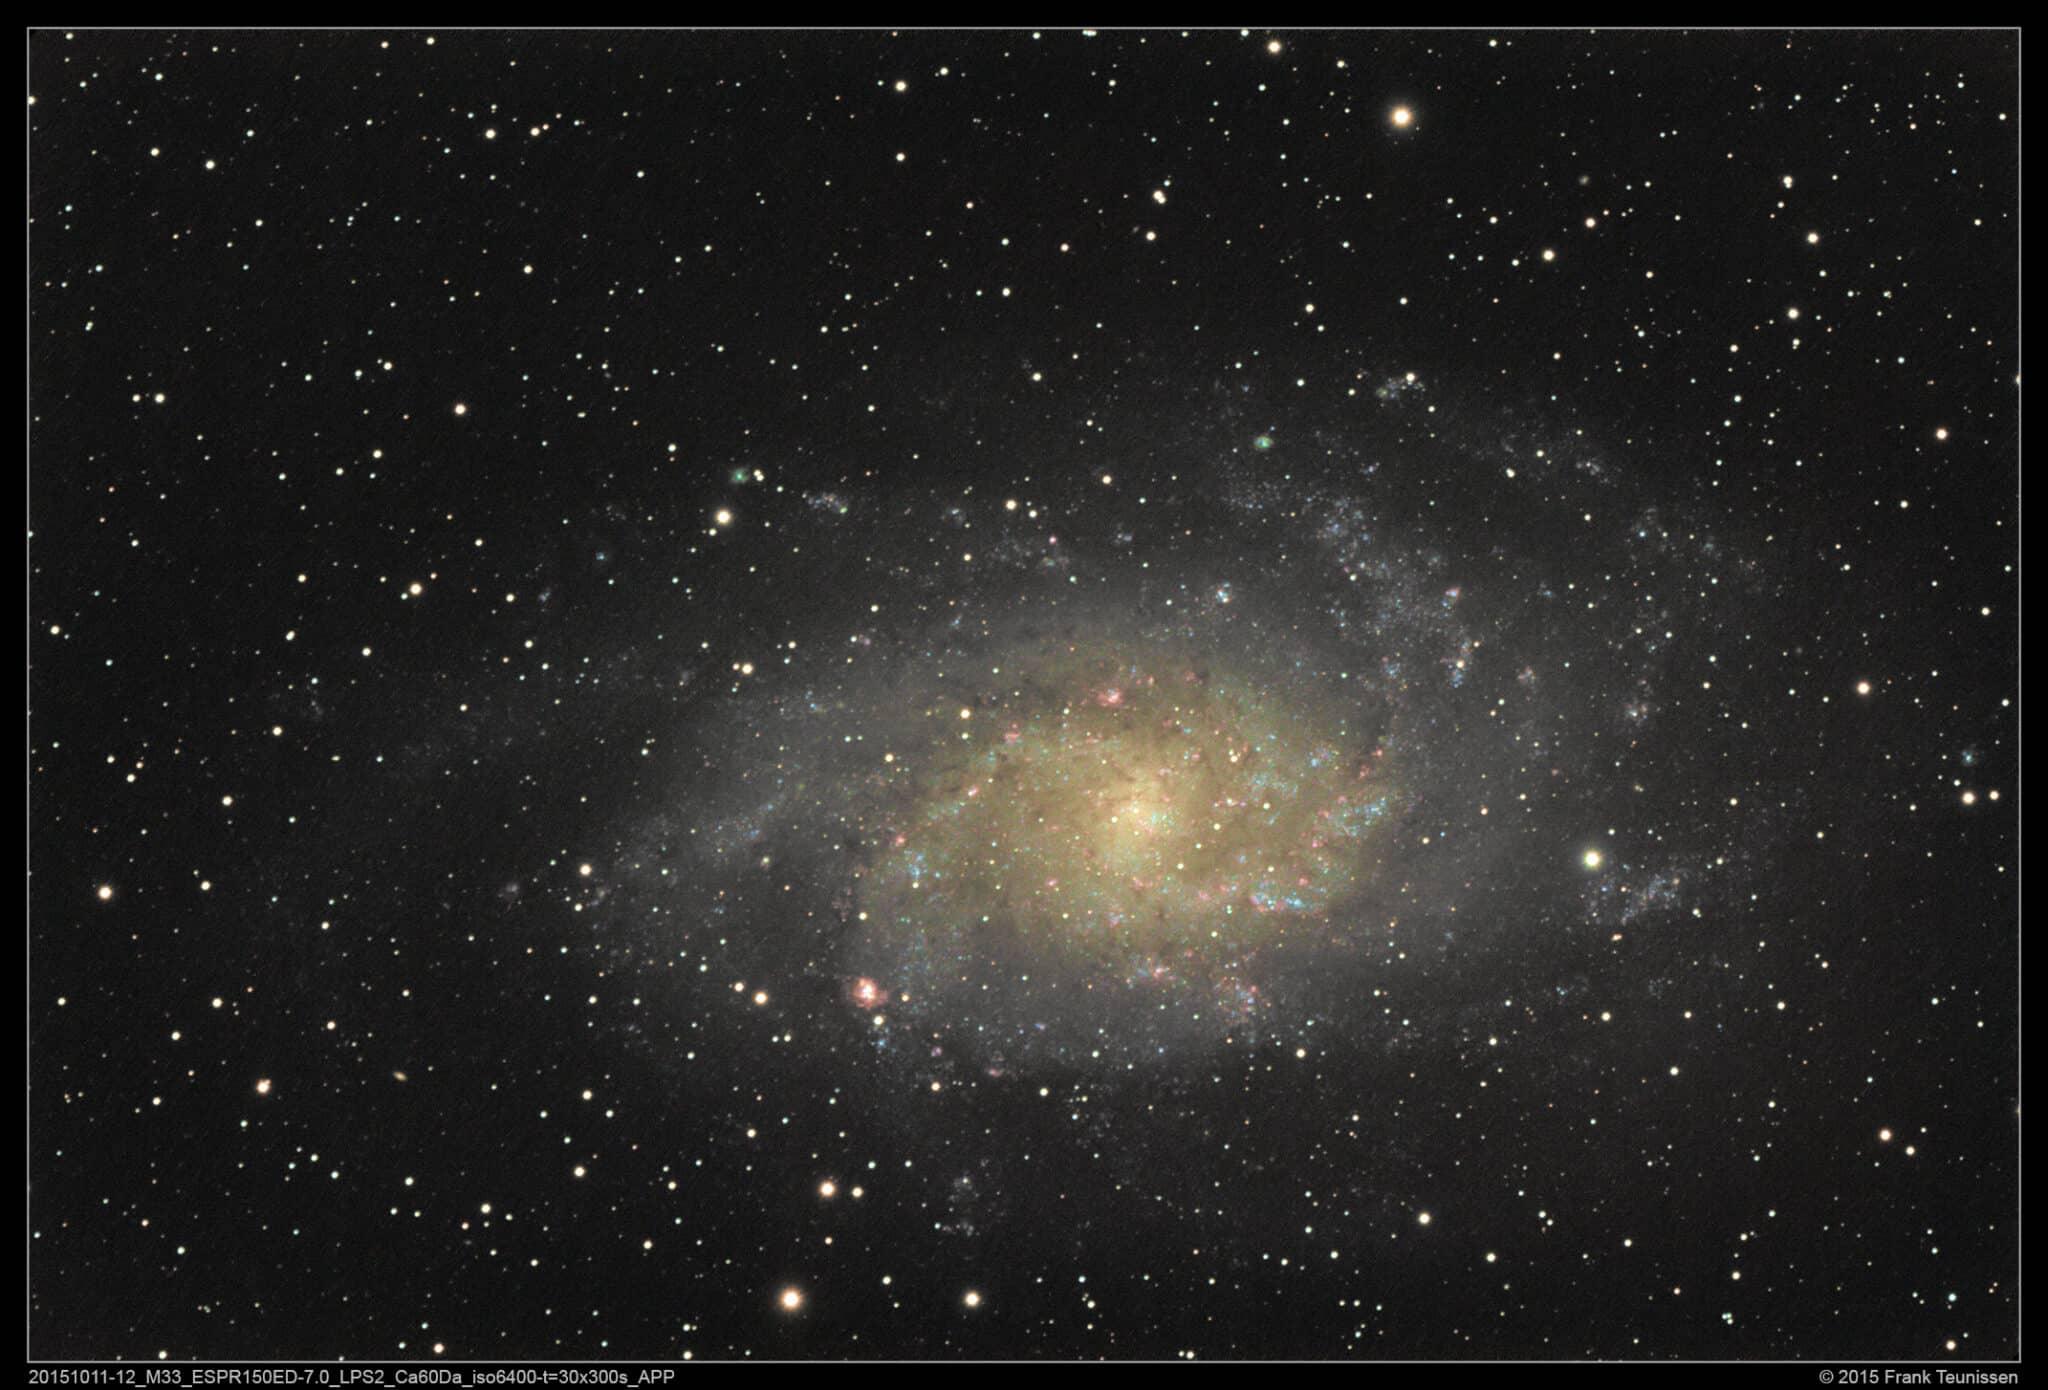 Onlangs opname van M33 van 11 okt 2015 met APP bewerkt. Oorspronkelijke bewerking in DSS (de wat erg